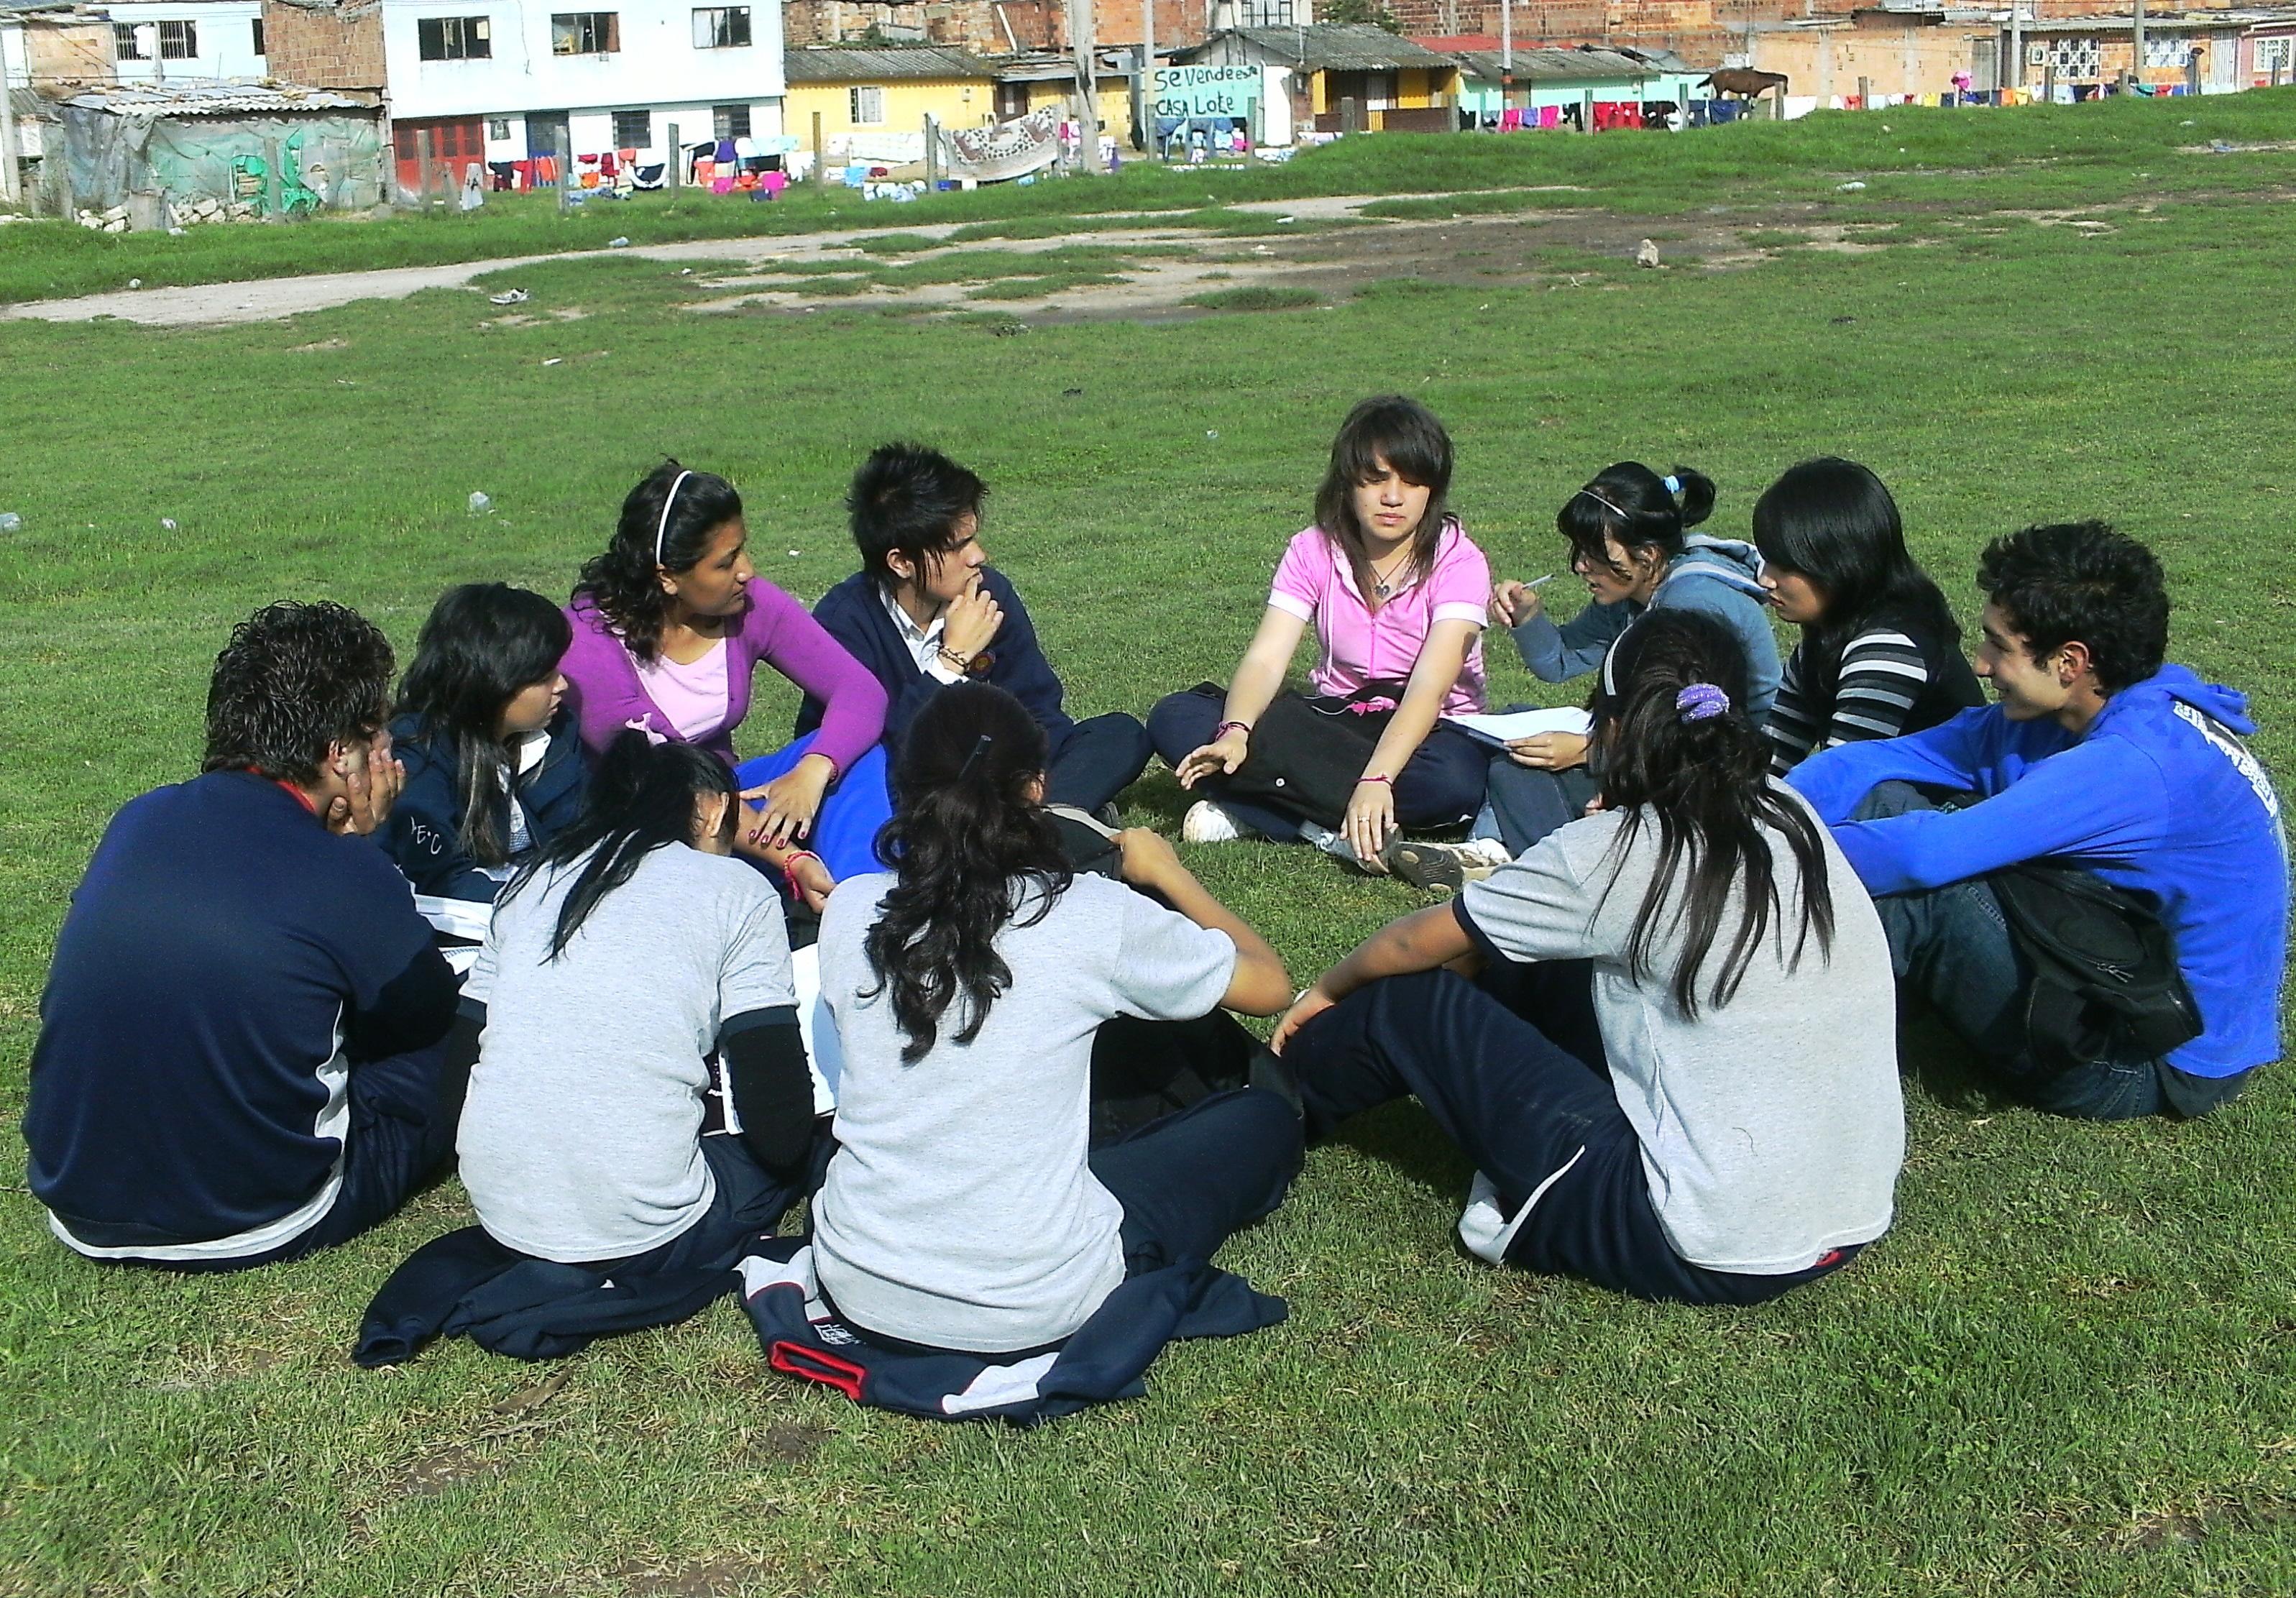 Veedores juveniles, propuestas y soluciones para las problemáticas de Soacha